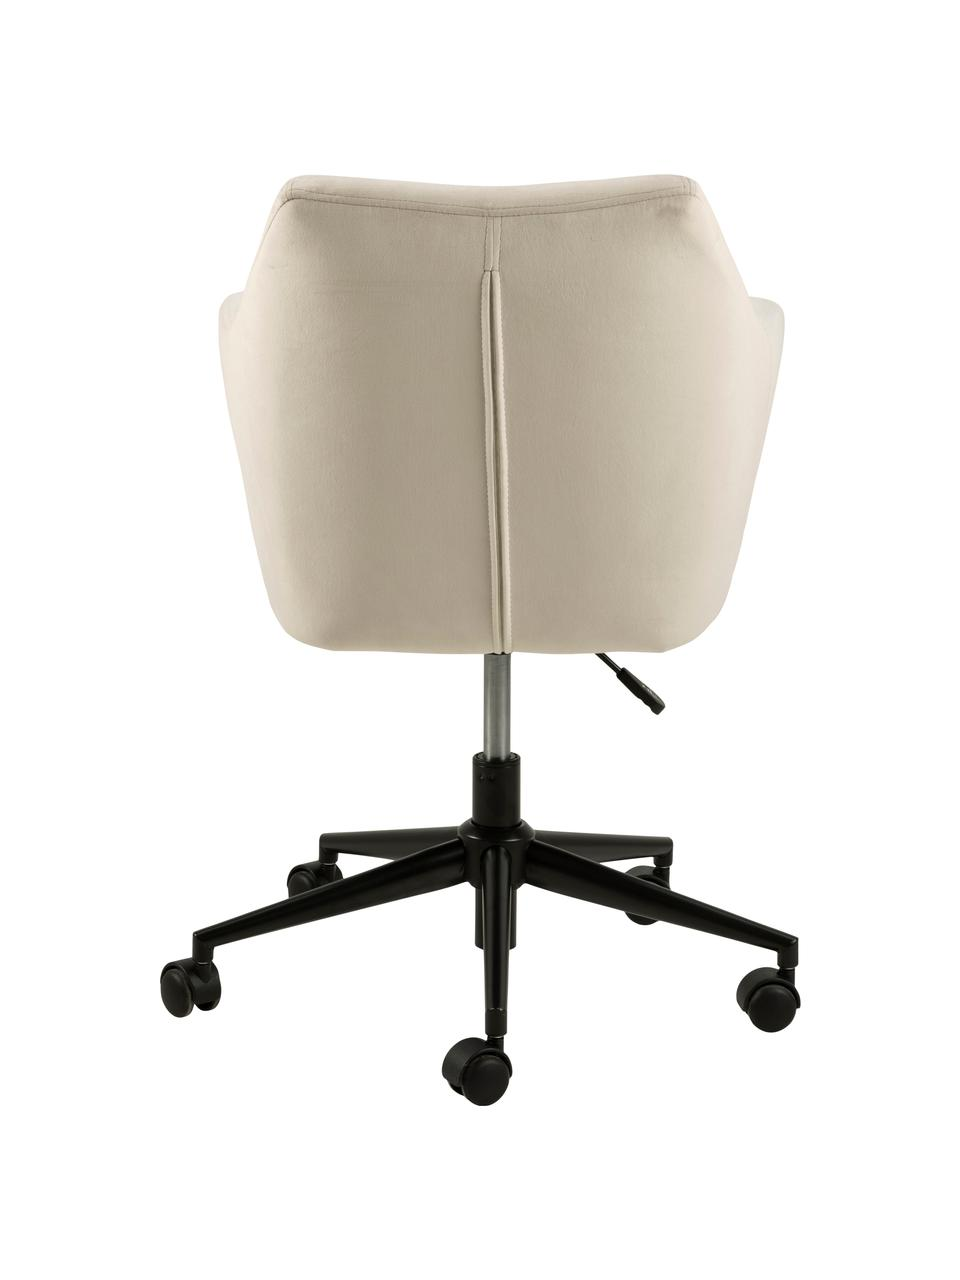 Fluwelen bureaustoel Nora, in hoogte verstelbaar, Bekleding: polyester (fluweel), Frame: gepoedercoat metaal, Beige, zwart, 58 x 58 cm